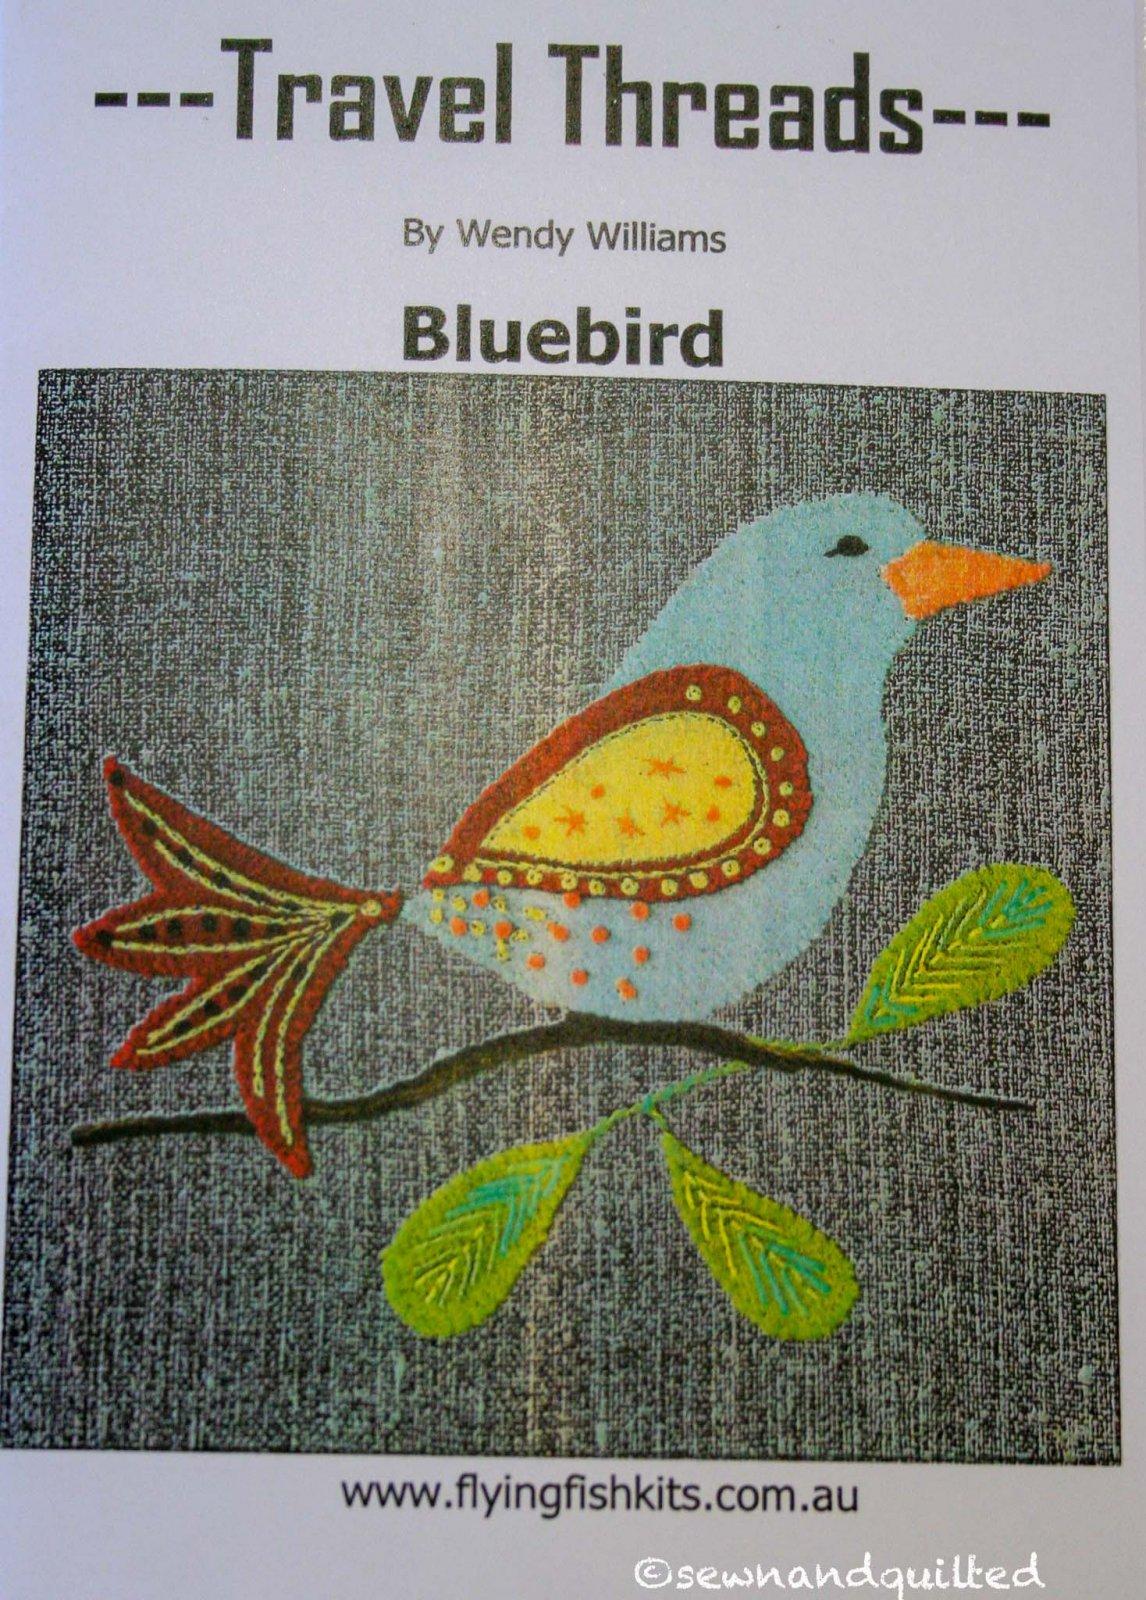 Wendy Williams : Travel Threads - Bluebird